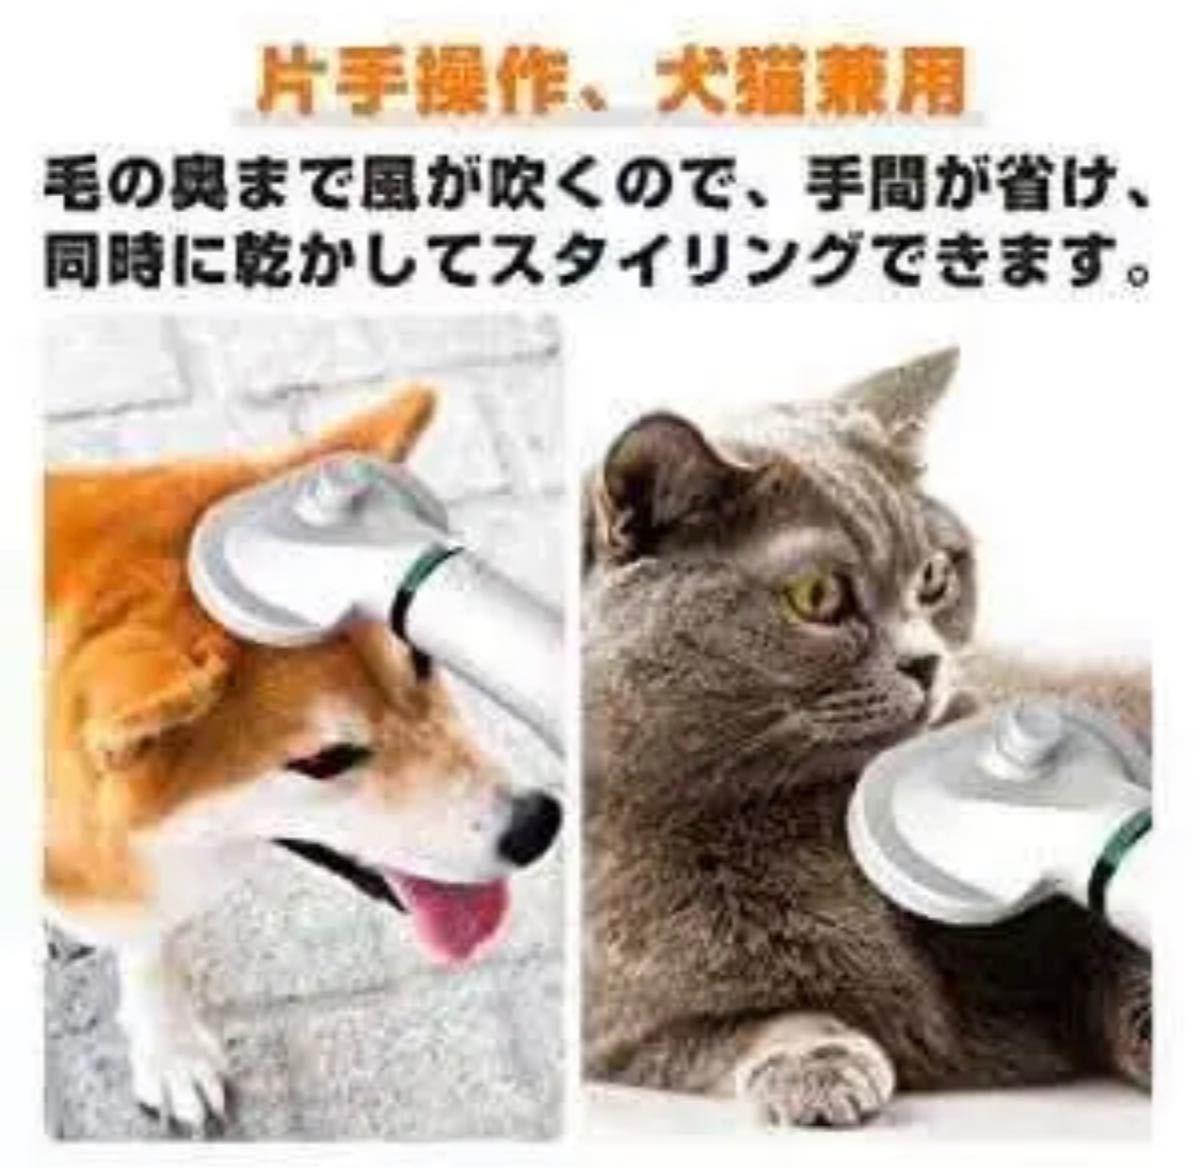 ペットヘアドライヤー 猫犬用グルーミング ペット用品 ドライヤーブラシ